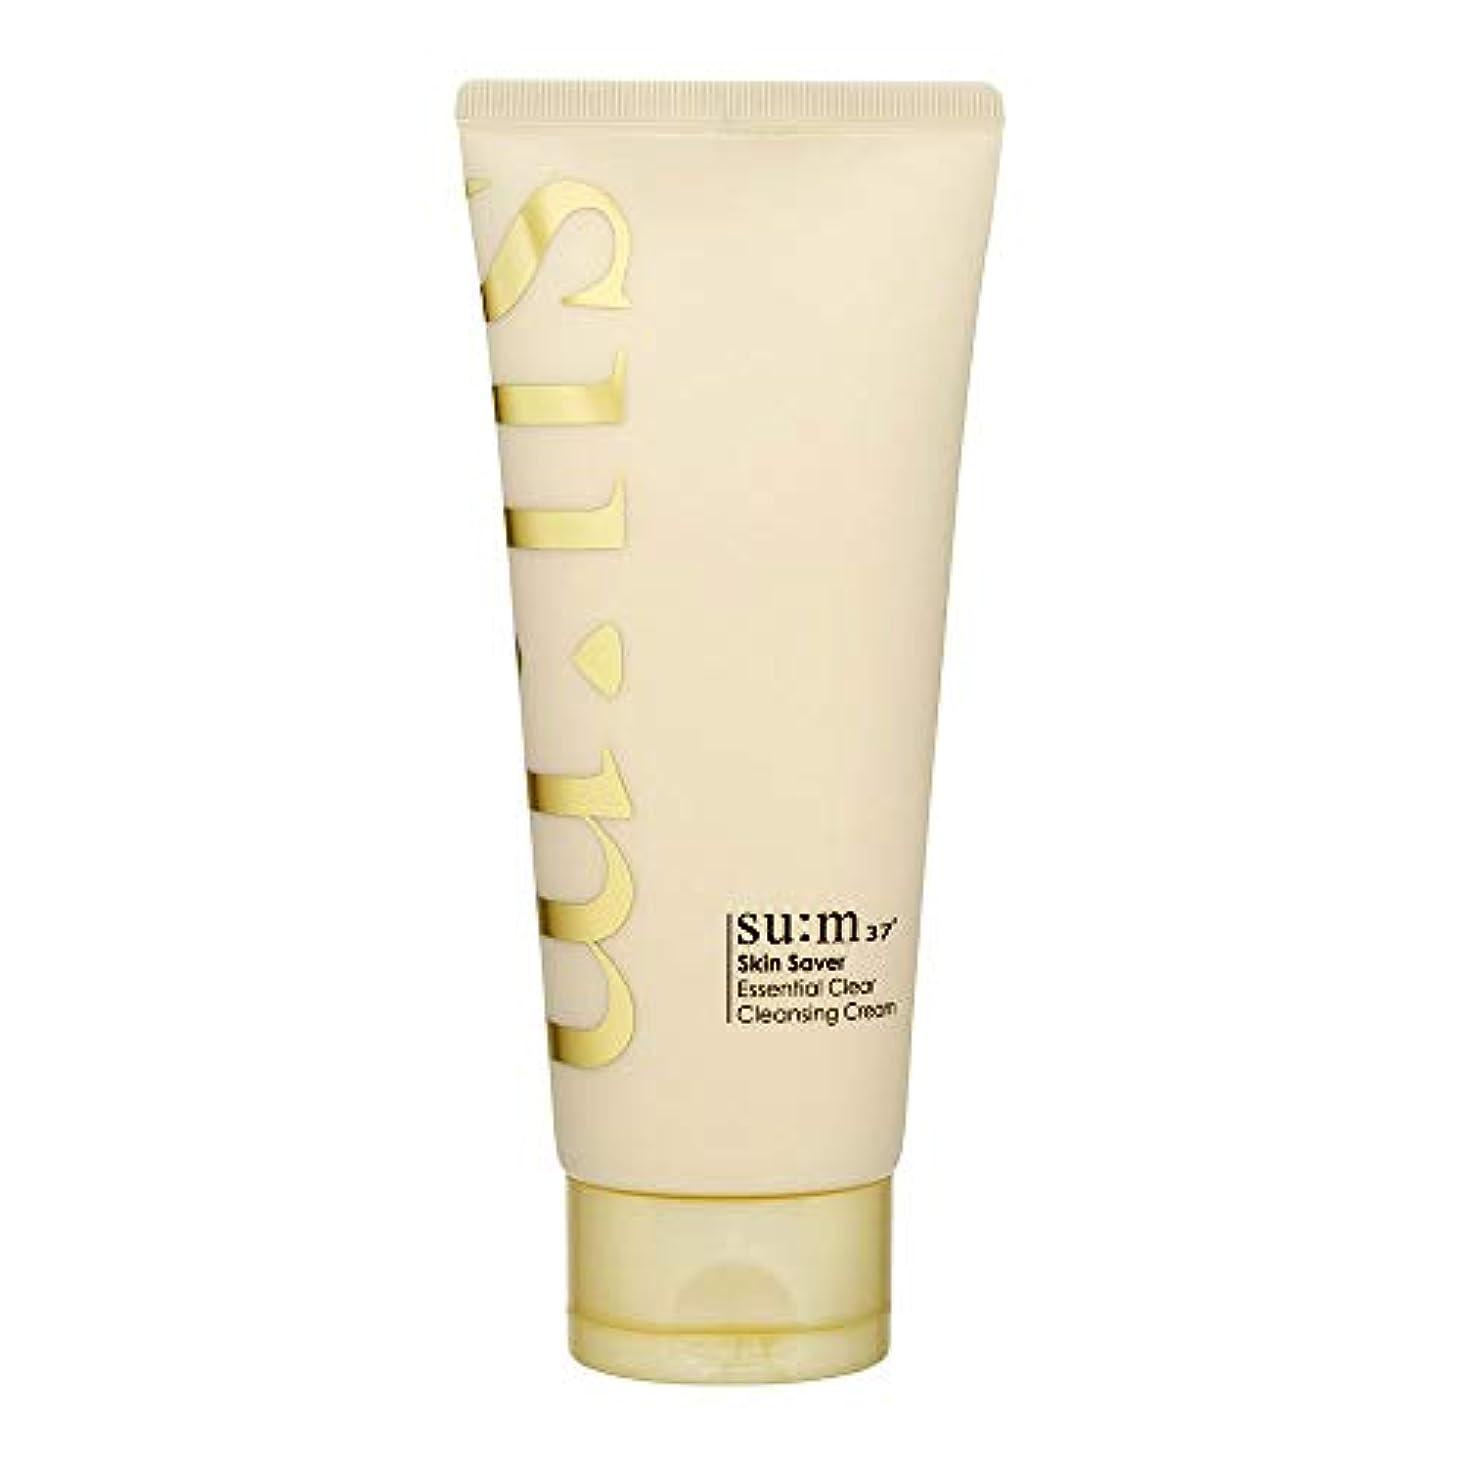 ジレンマ波紋貫入[スム37°] Sum37° スキンセイバー エッセンシャルクリアクレンジングクリーム  Skin saver Essential Clear Cleansing Cream (海外直送品) [並行輸入品]